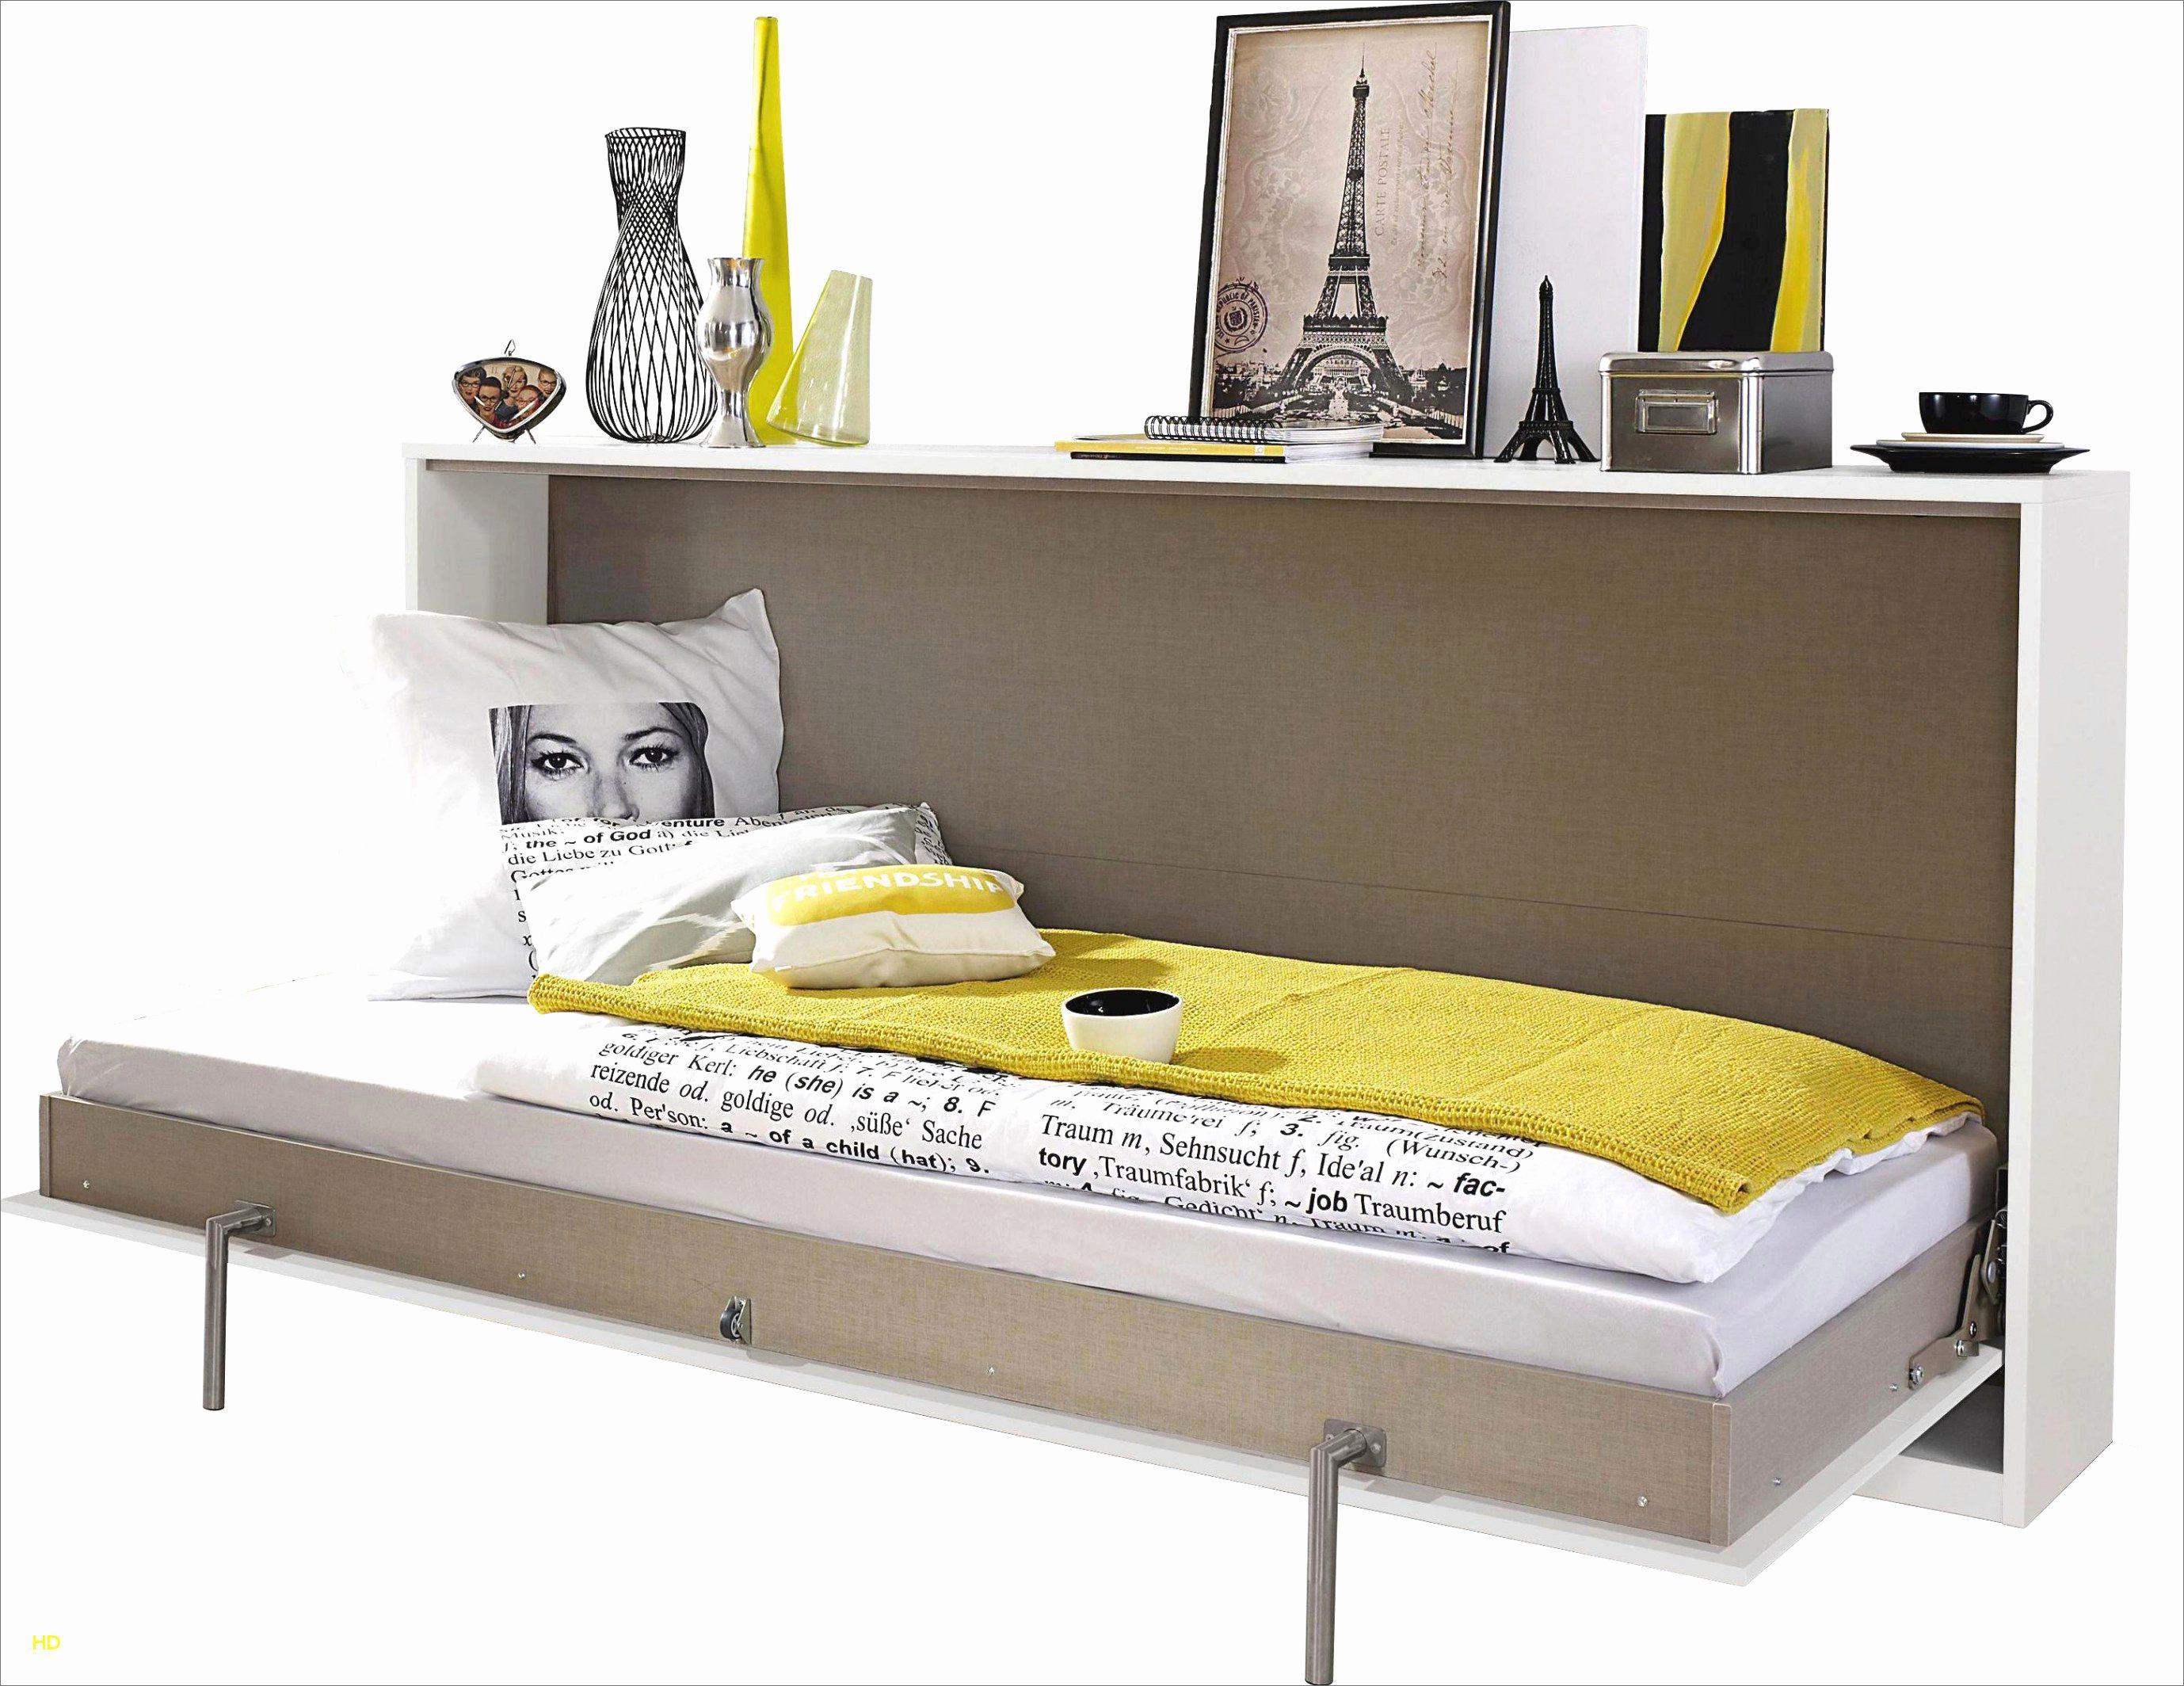 Ikea Tete De Lit 140 Charmant Tete De Lit Pas Cher 140 échantillons Tete De Lit Ikea 140 élégant S